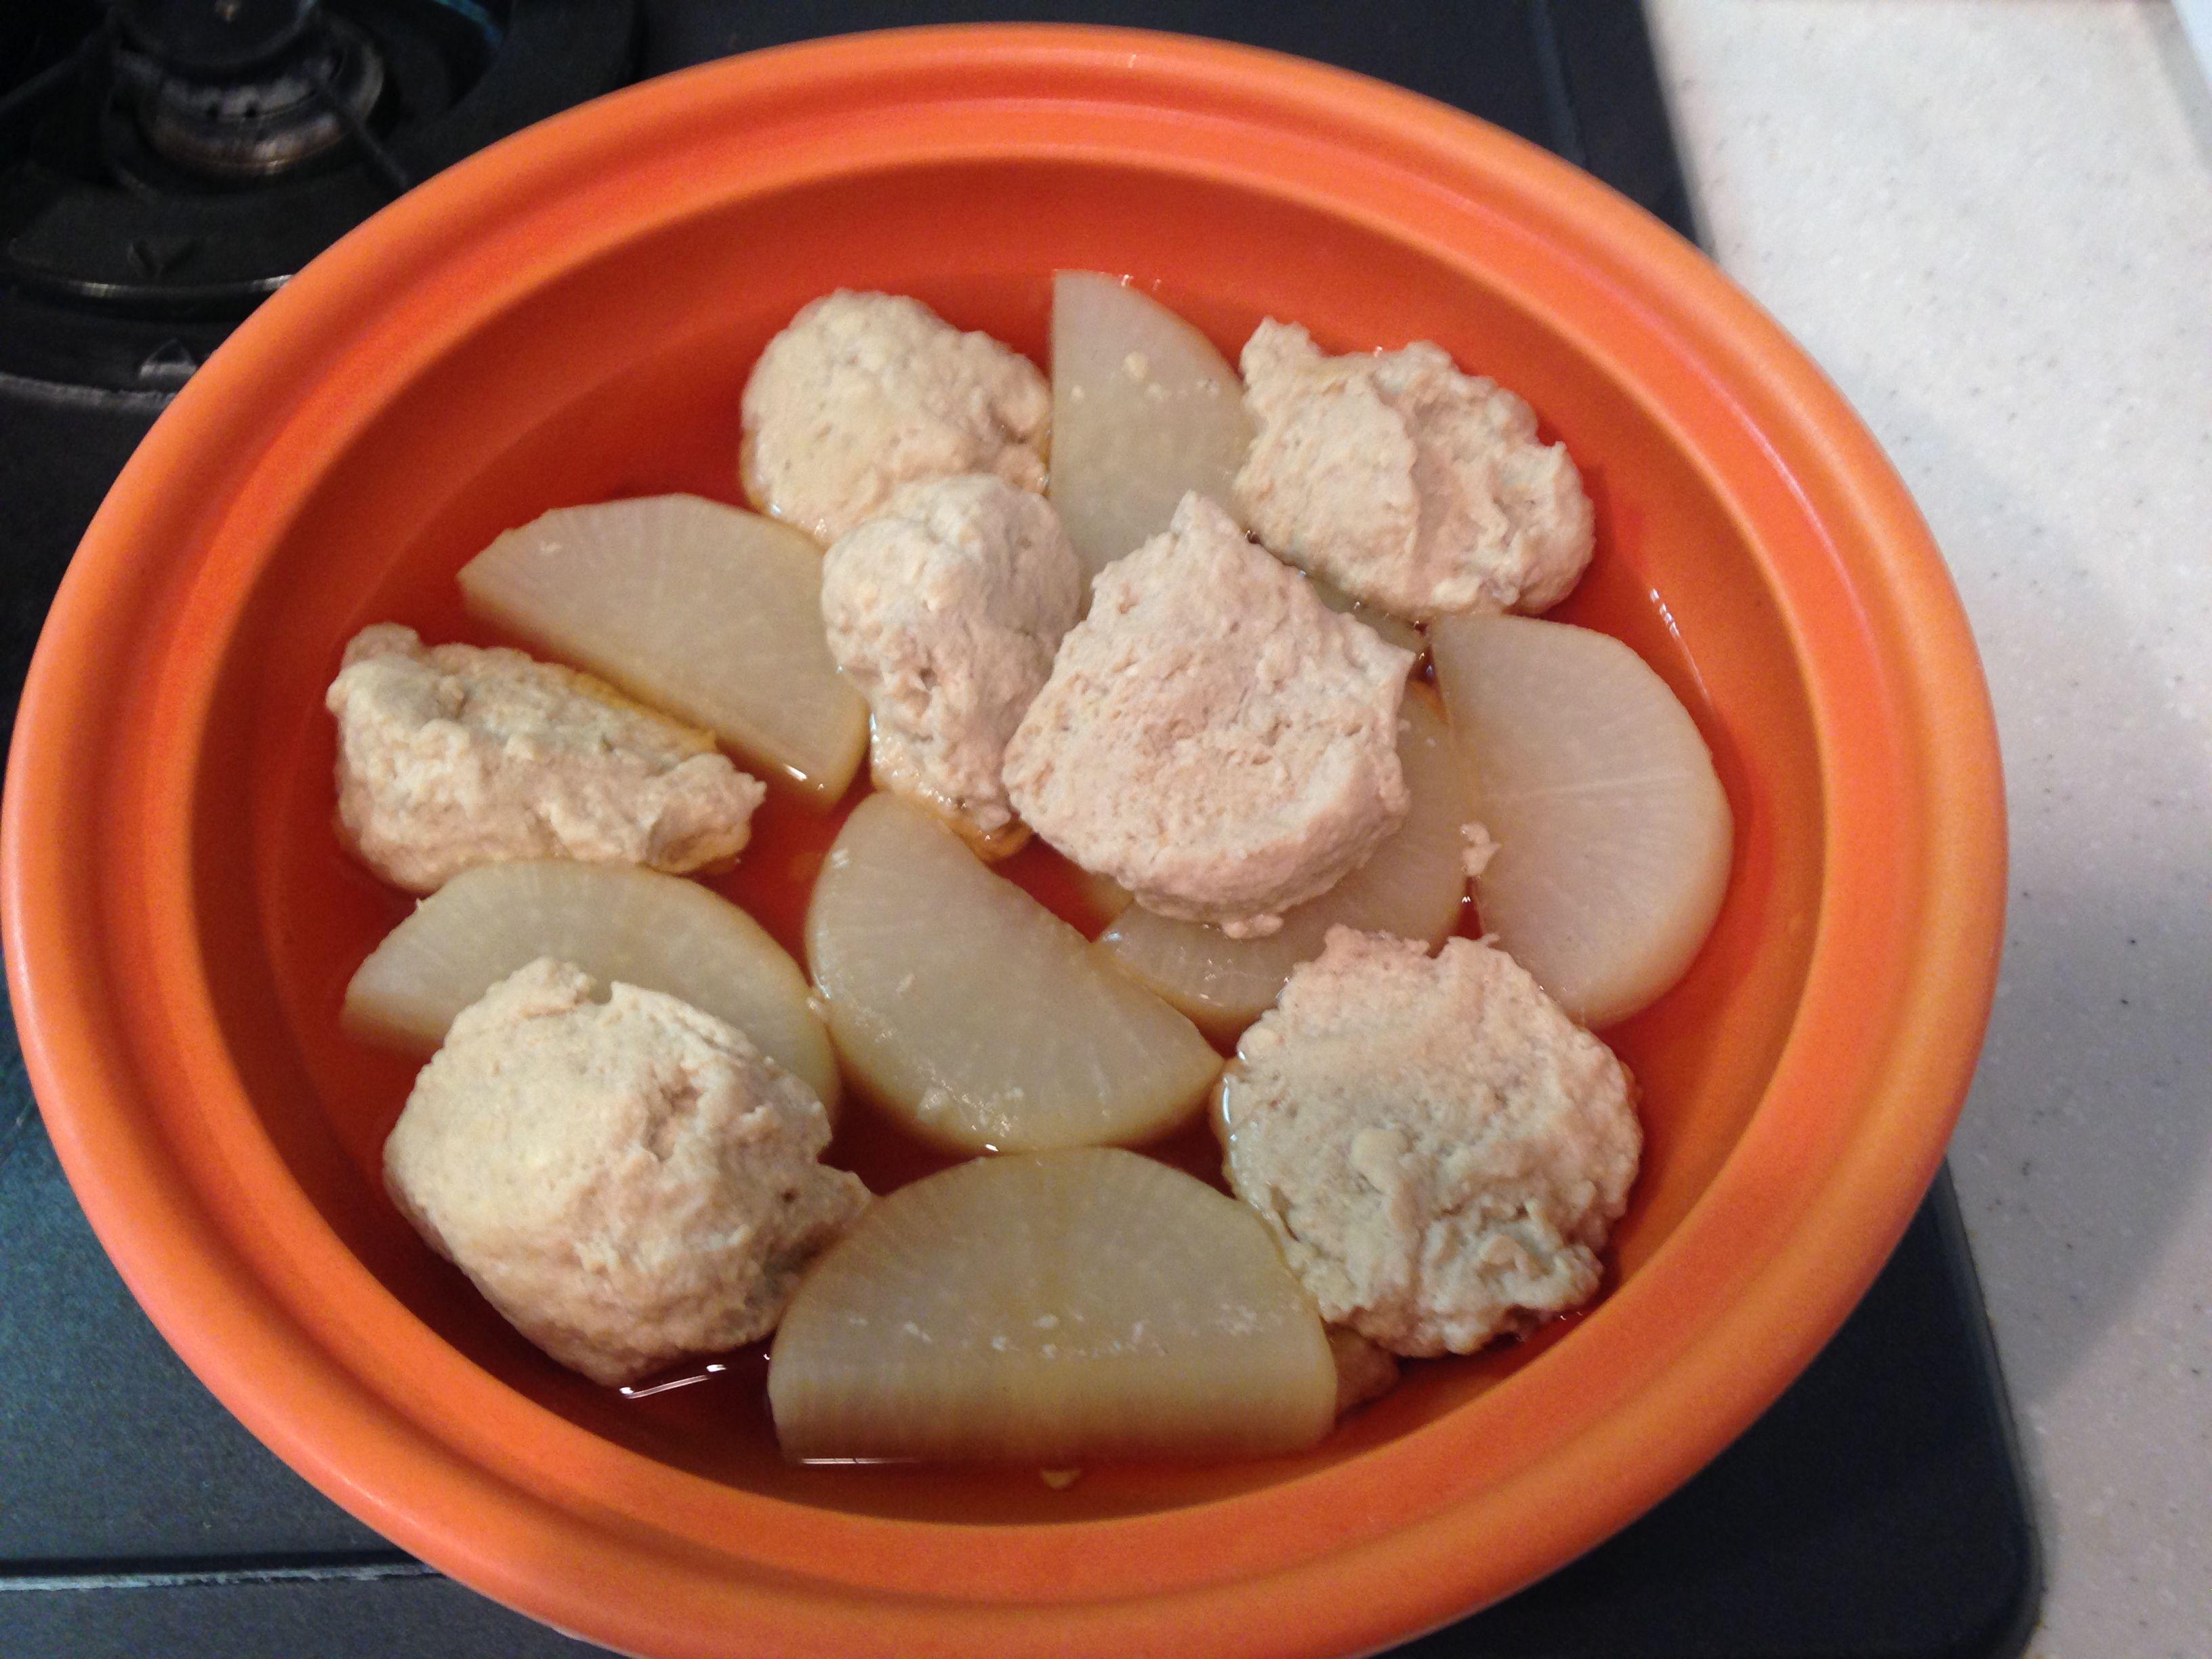 コノシロのつみれと大根の煮物